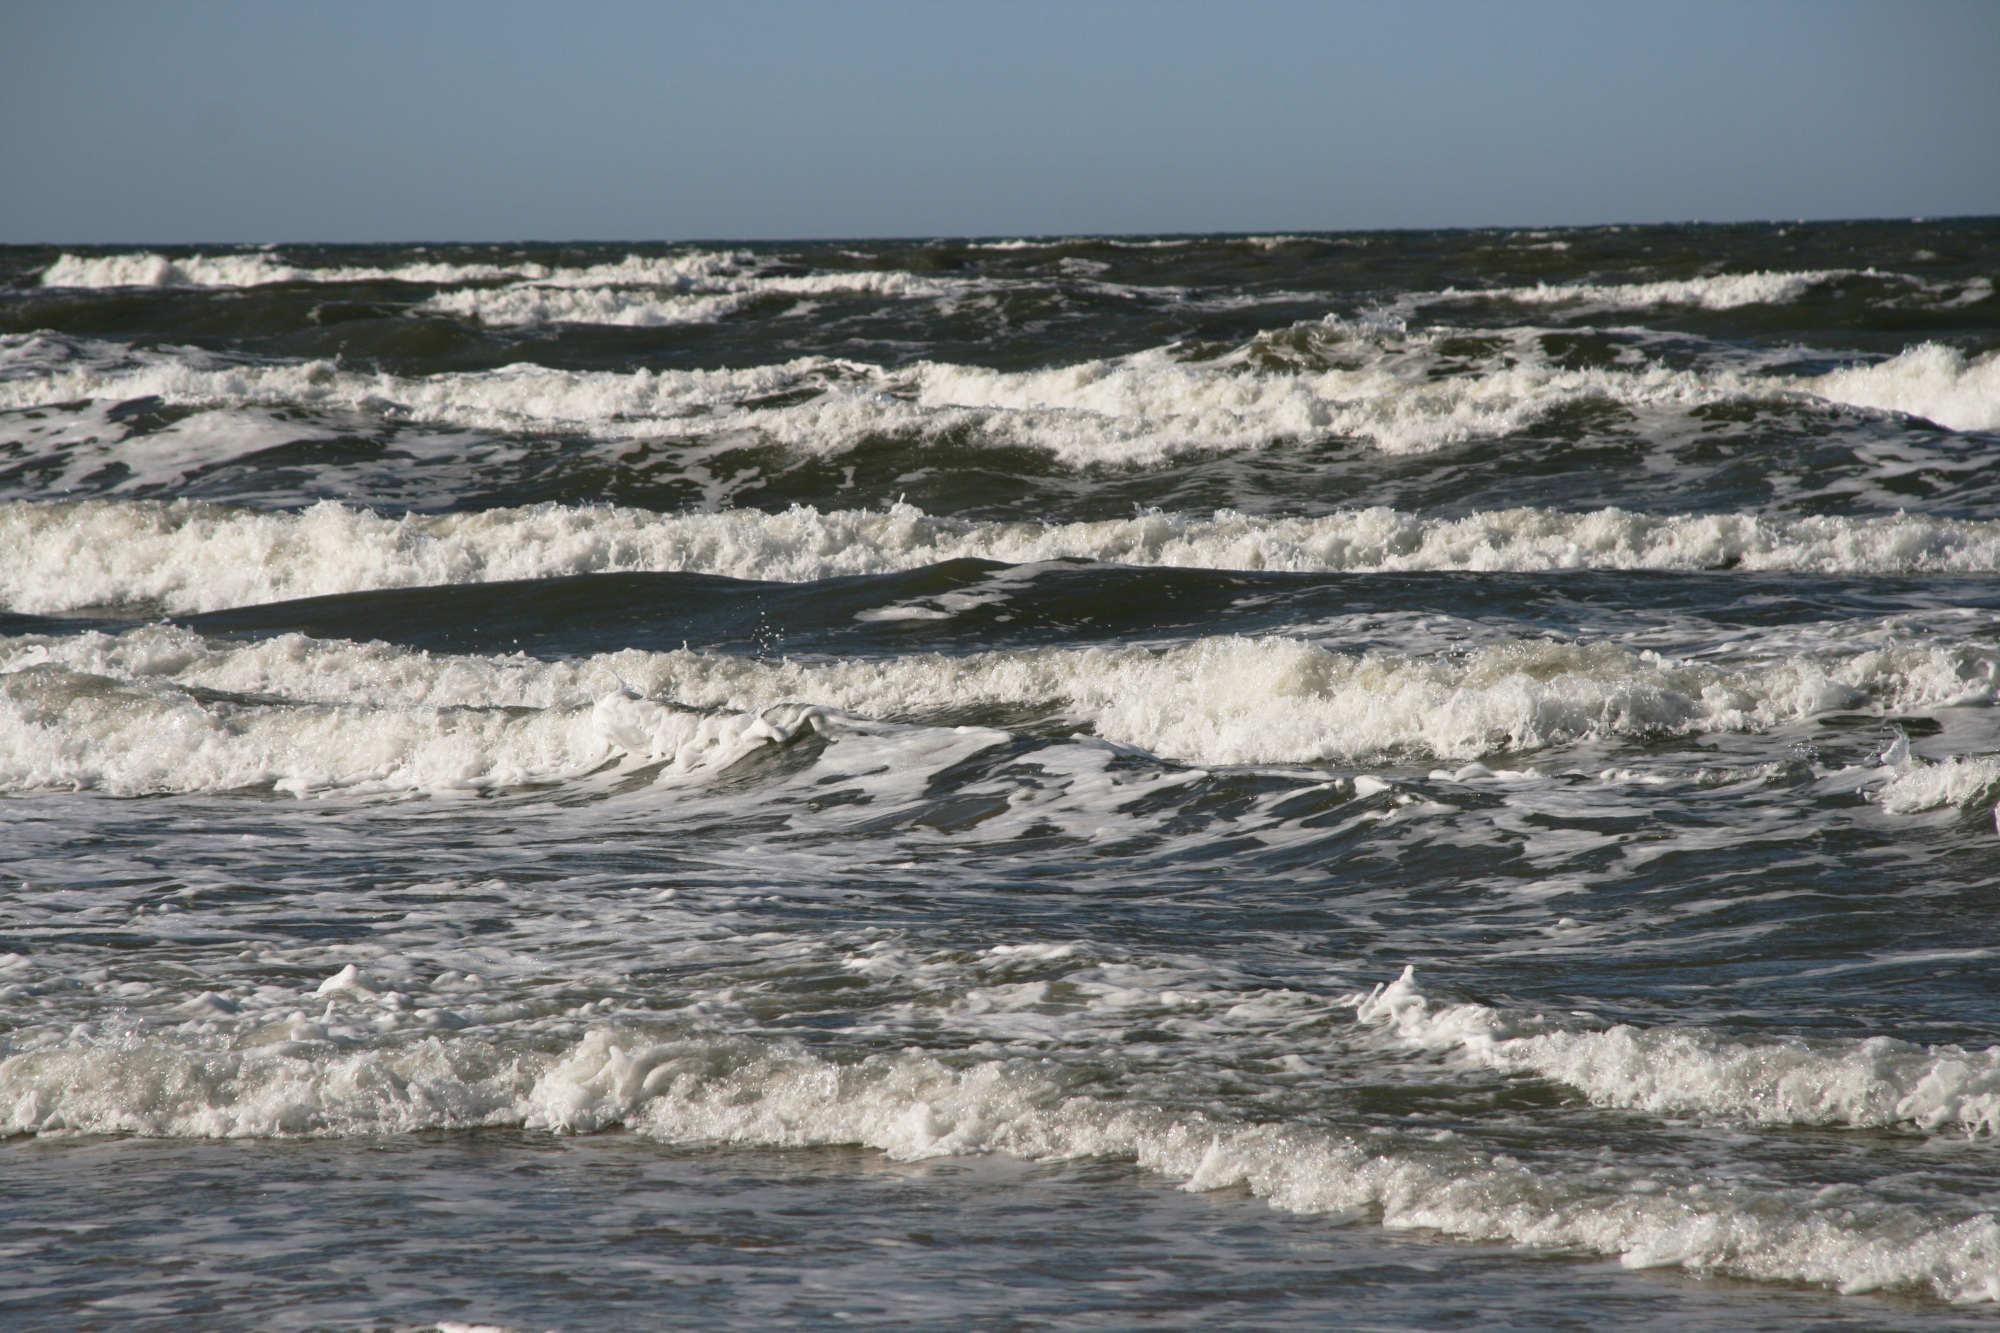 Uratujmy Bałtyk dla przyszłych pokoleń. Apel marszałka Struka w sprawie zatopionej broni chemicznej